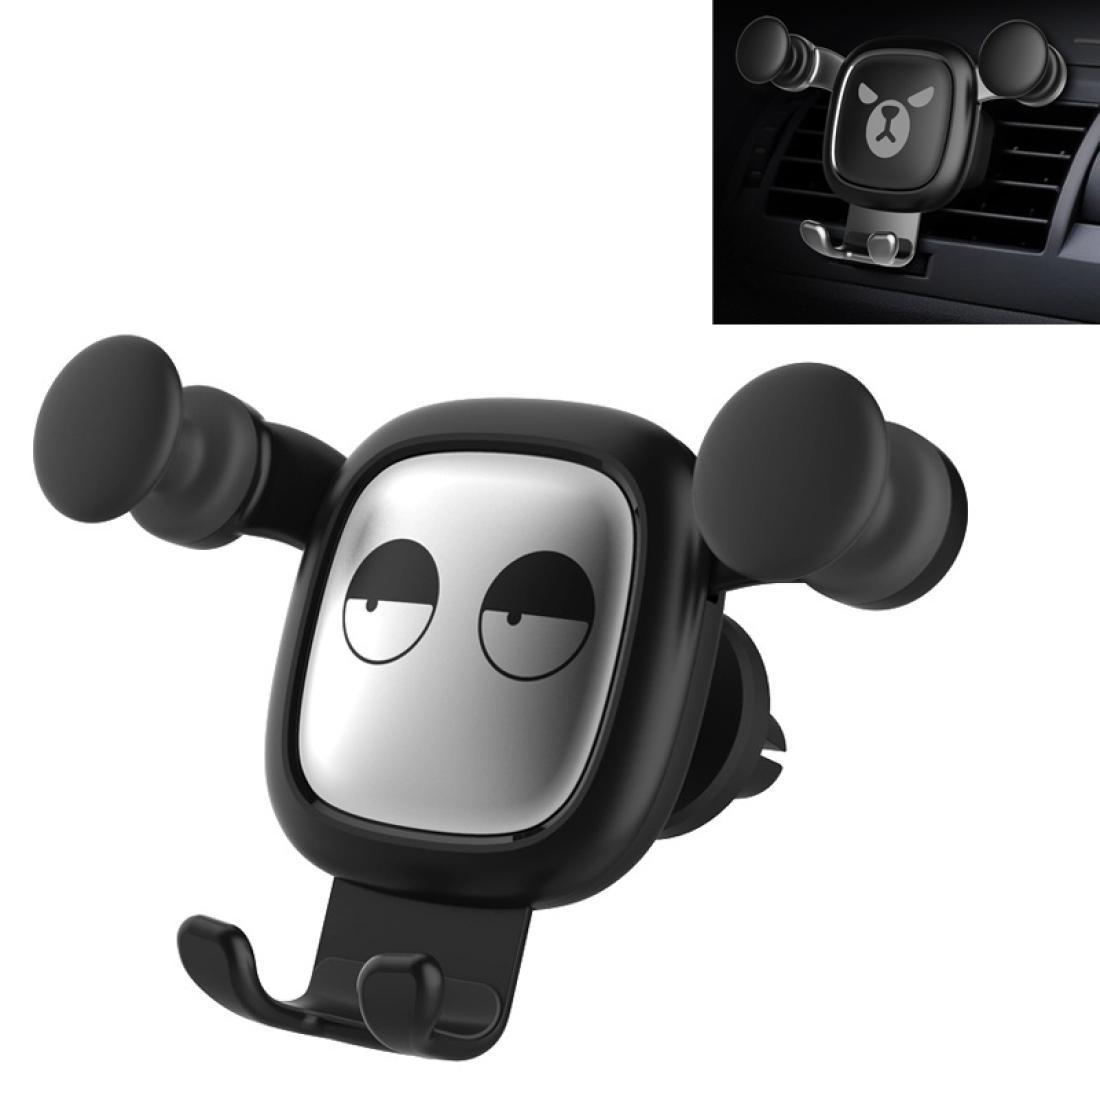 Grandes olhos padrão de gravidade de desenhos animados desenhos de ar de veado carro suporte de telefone